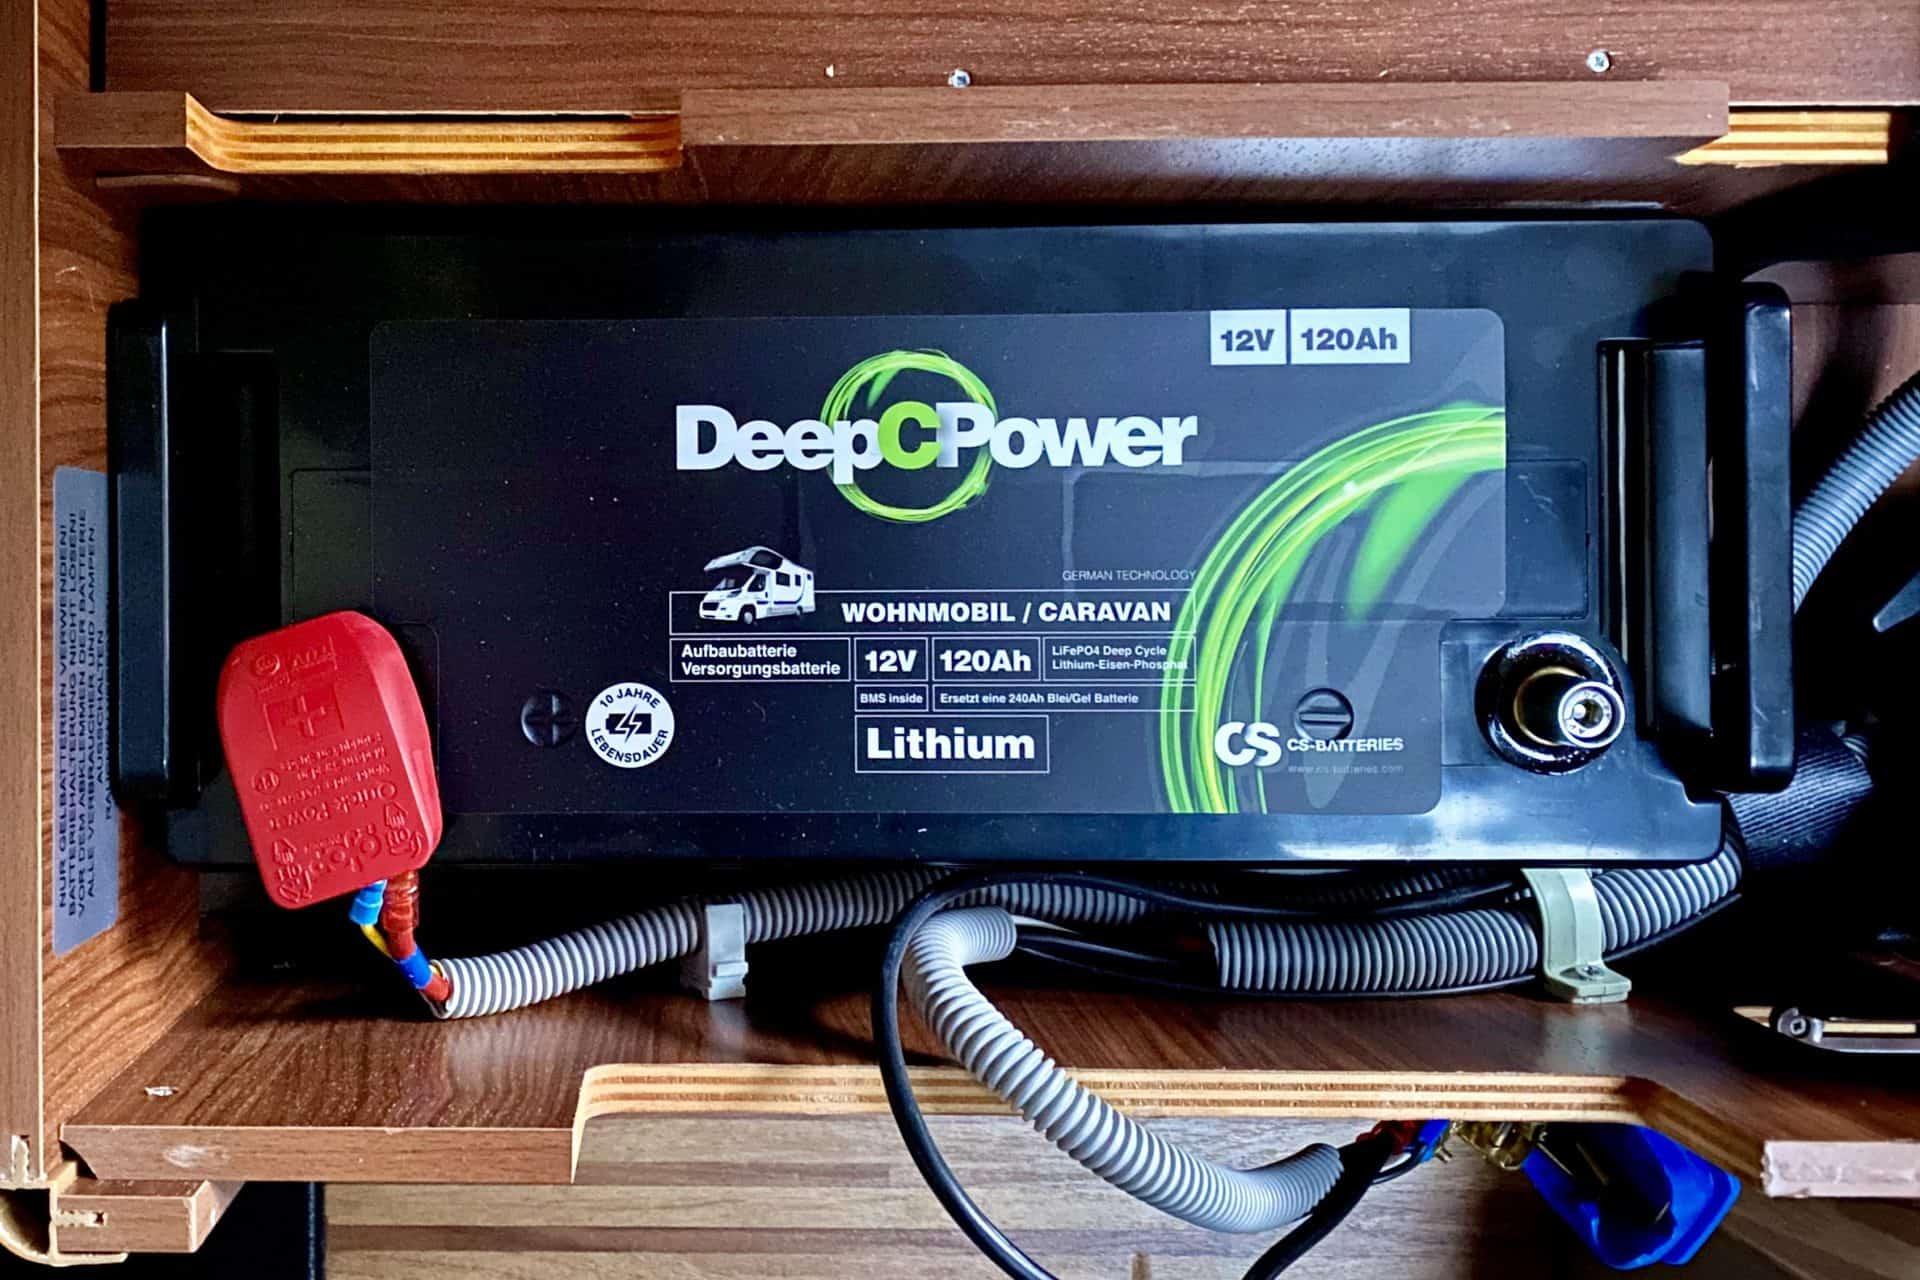 Lithium_Batterie_DeepCPower_12Ah